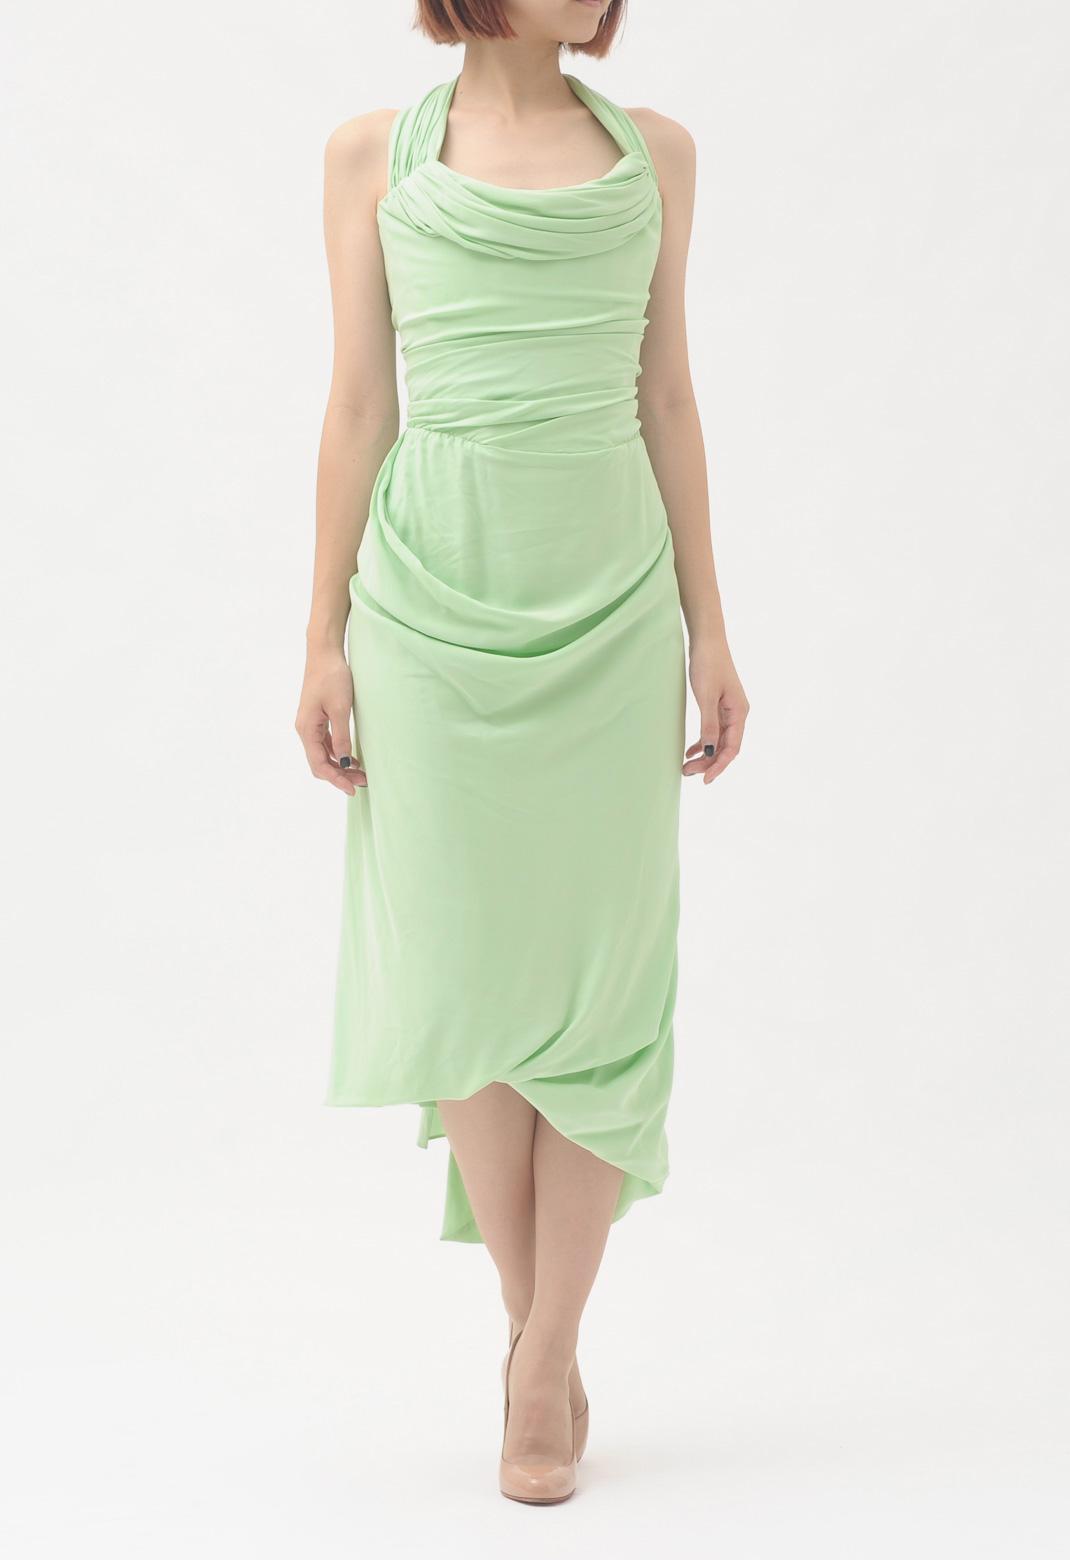 ヴィヴィアンウエストウッド 6way ベアトップ ドレス